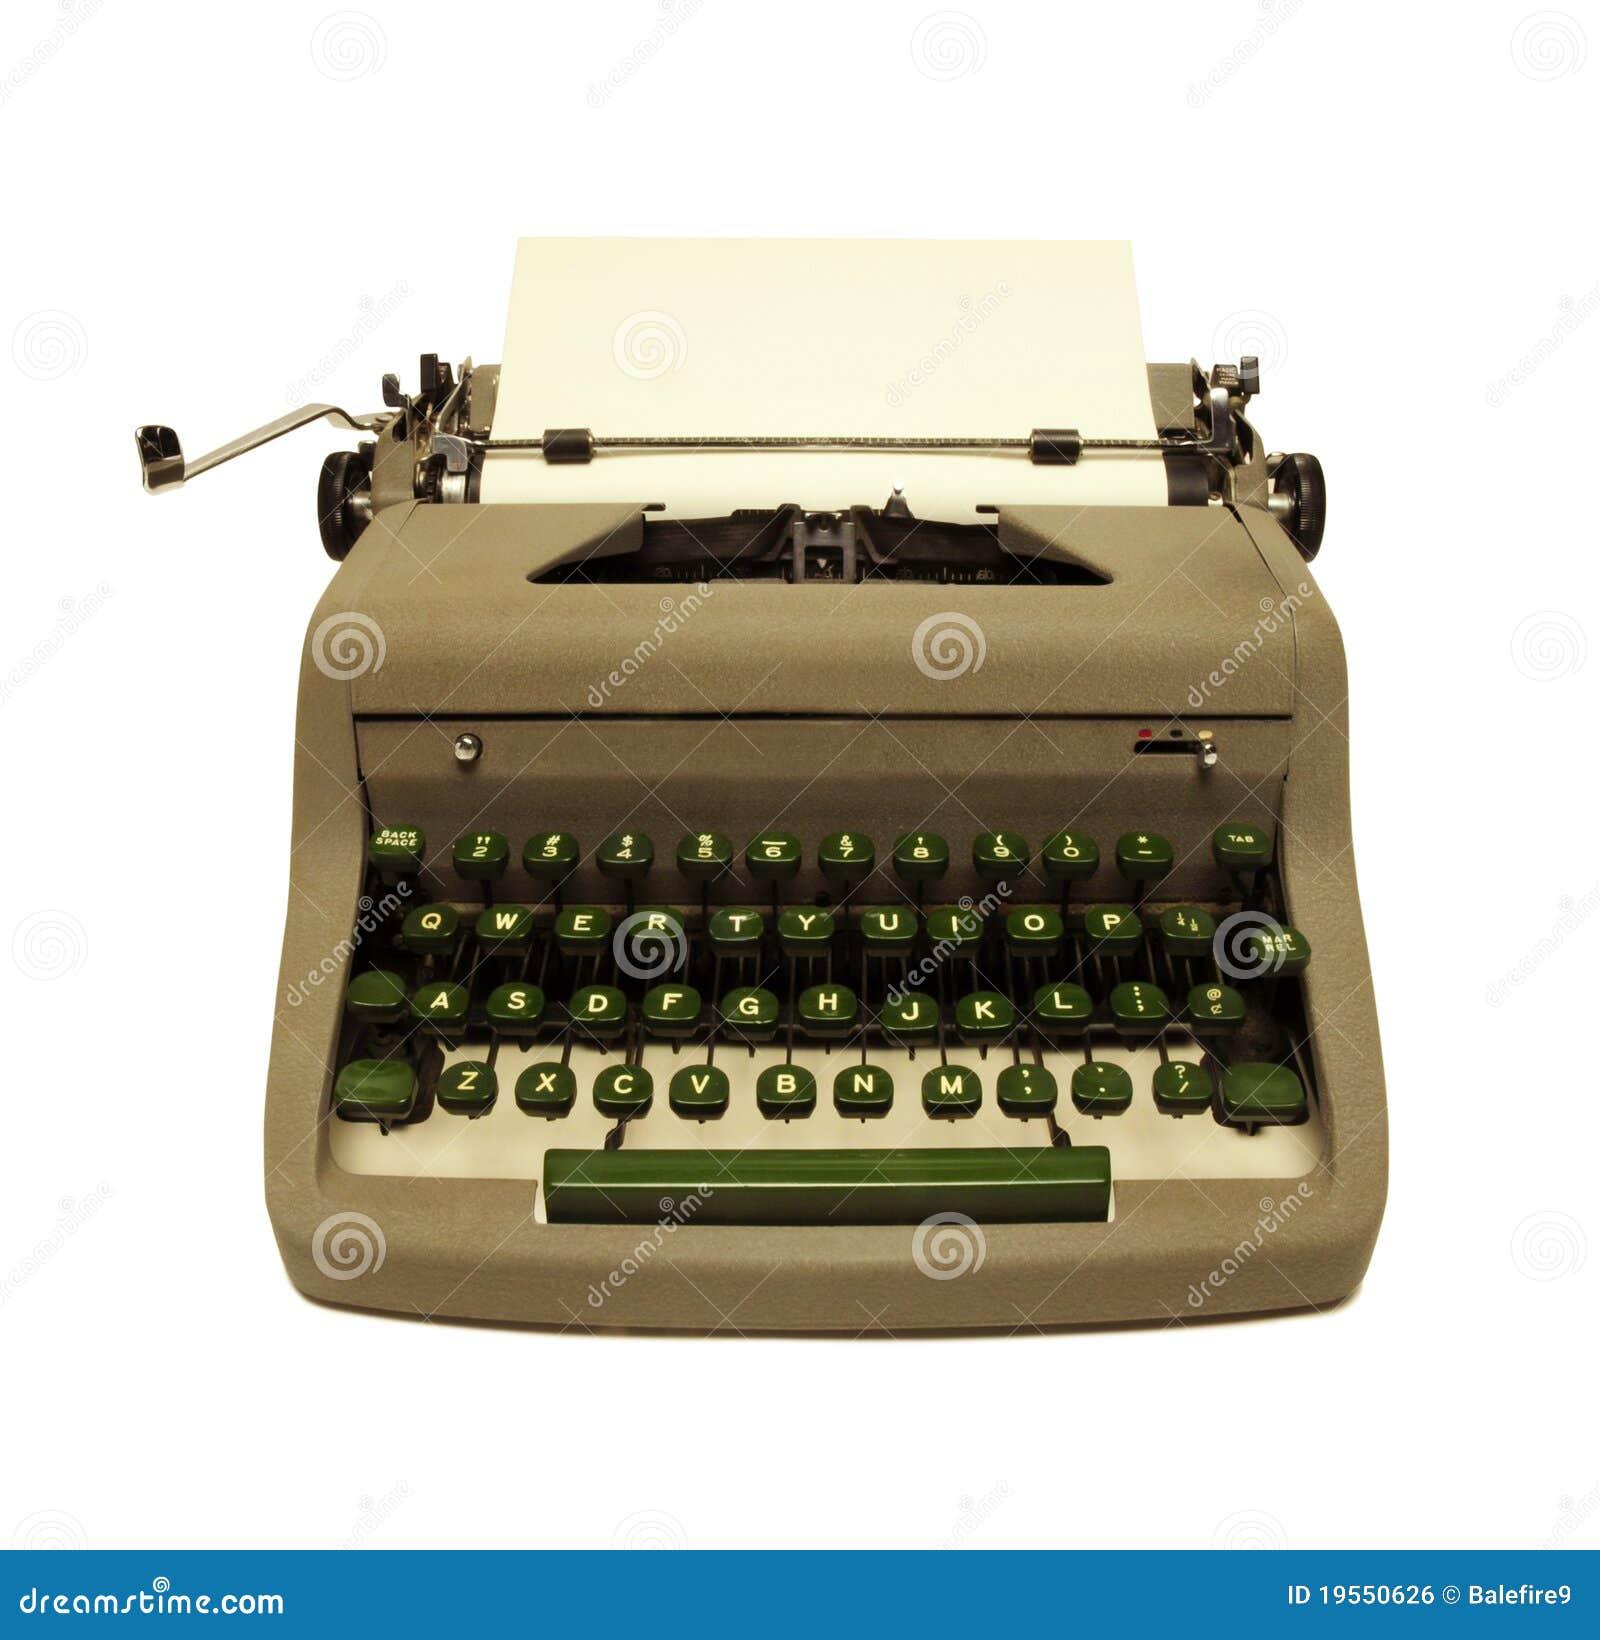 vintage-1950s-typewriter-white-19550626.